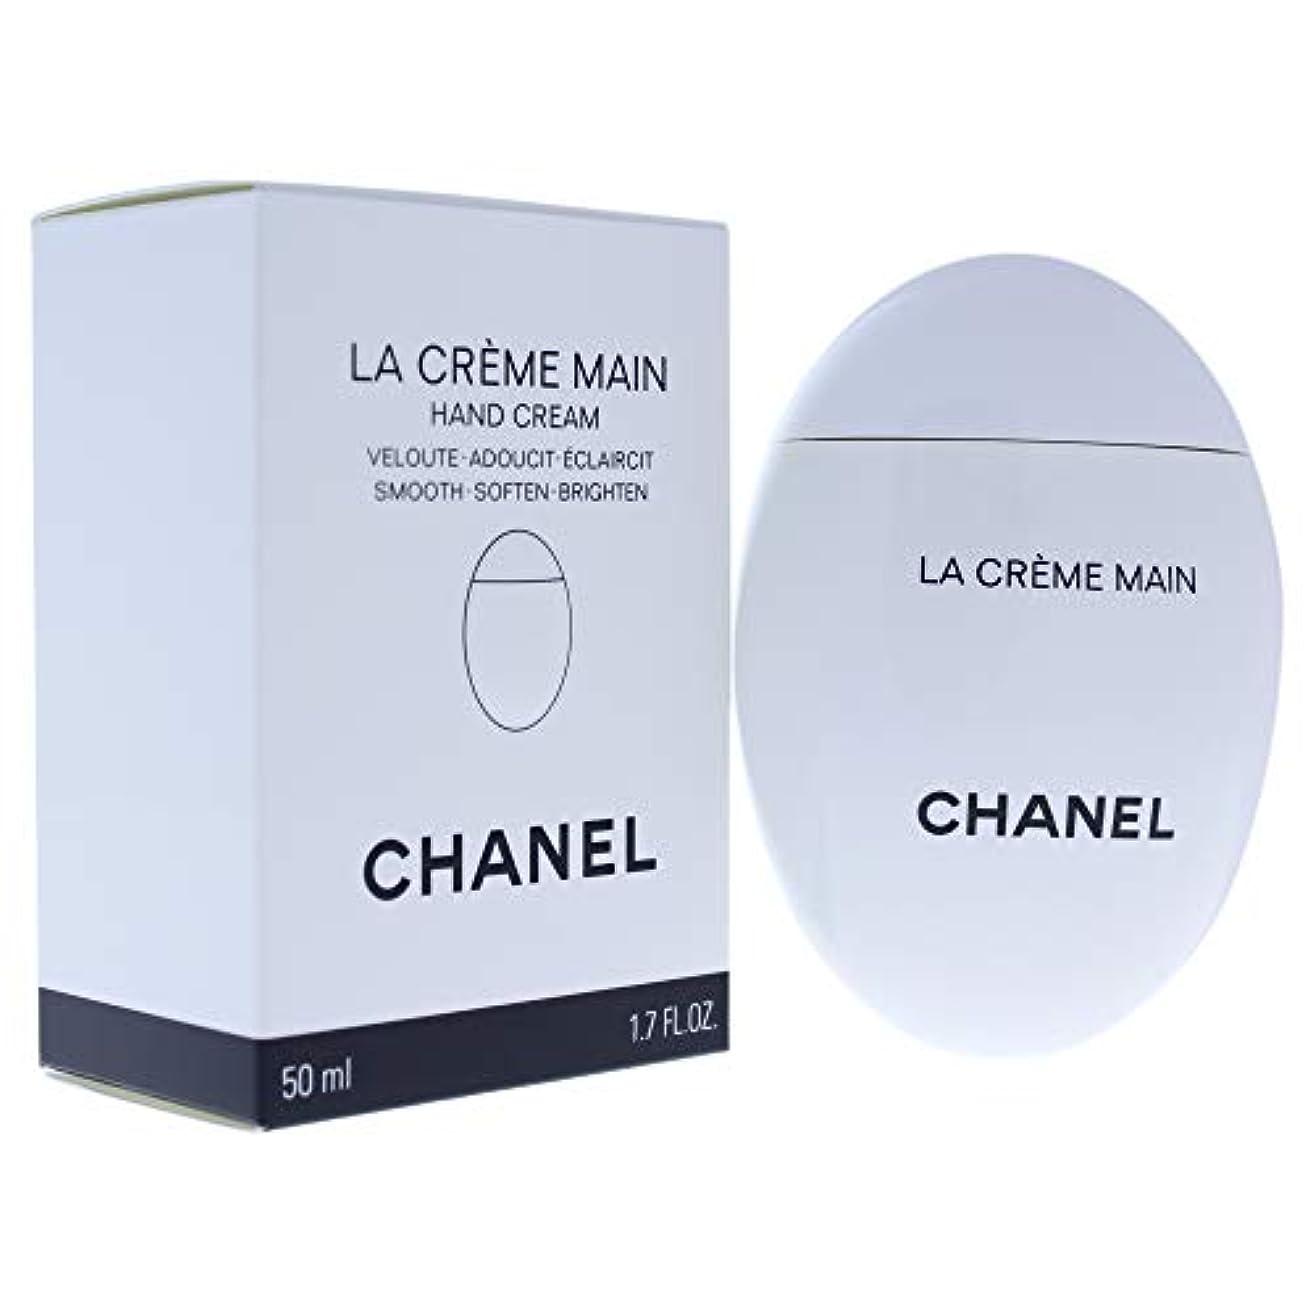 科学者インシデント写真CHANEL LA CRÈME MAIN シャネル ラ クレーム マン ハンドクリーム 50ml